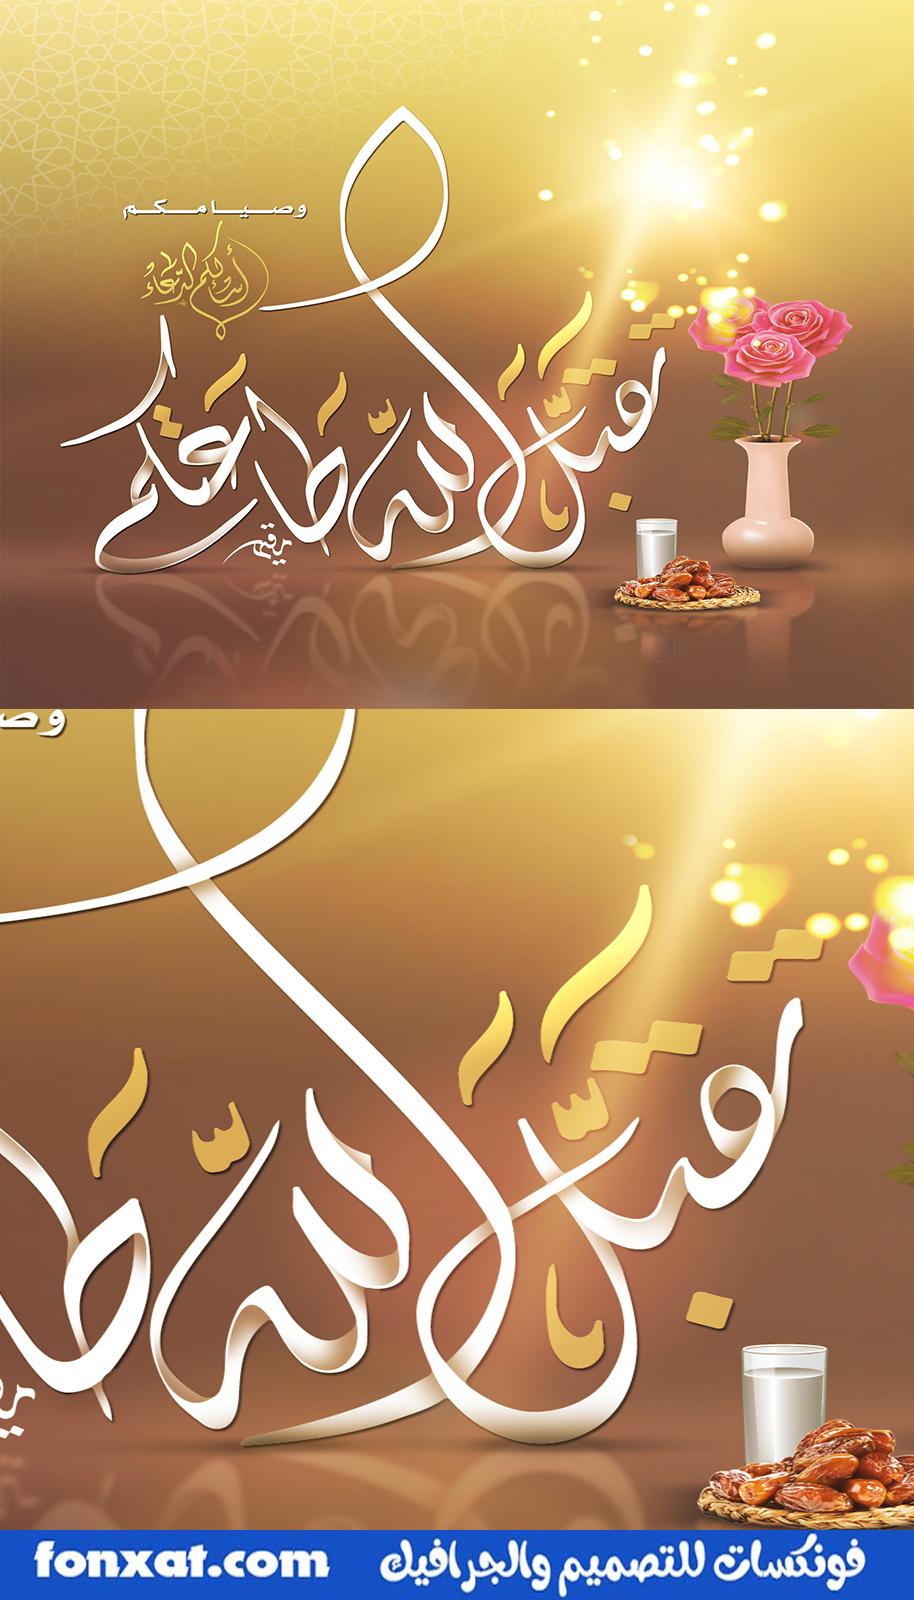 Ramadan open source design PSD special Ramadan design